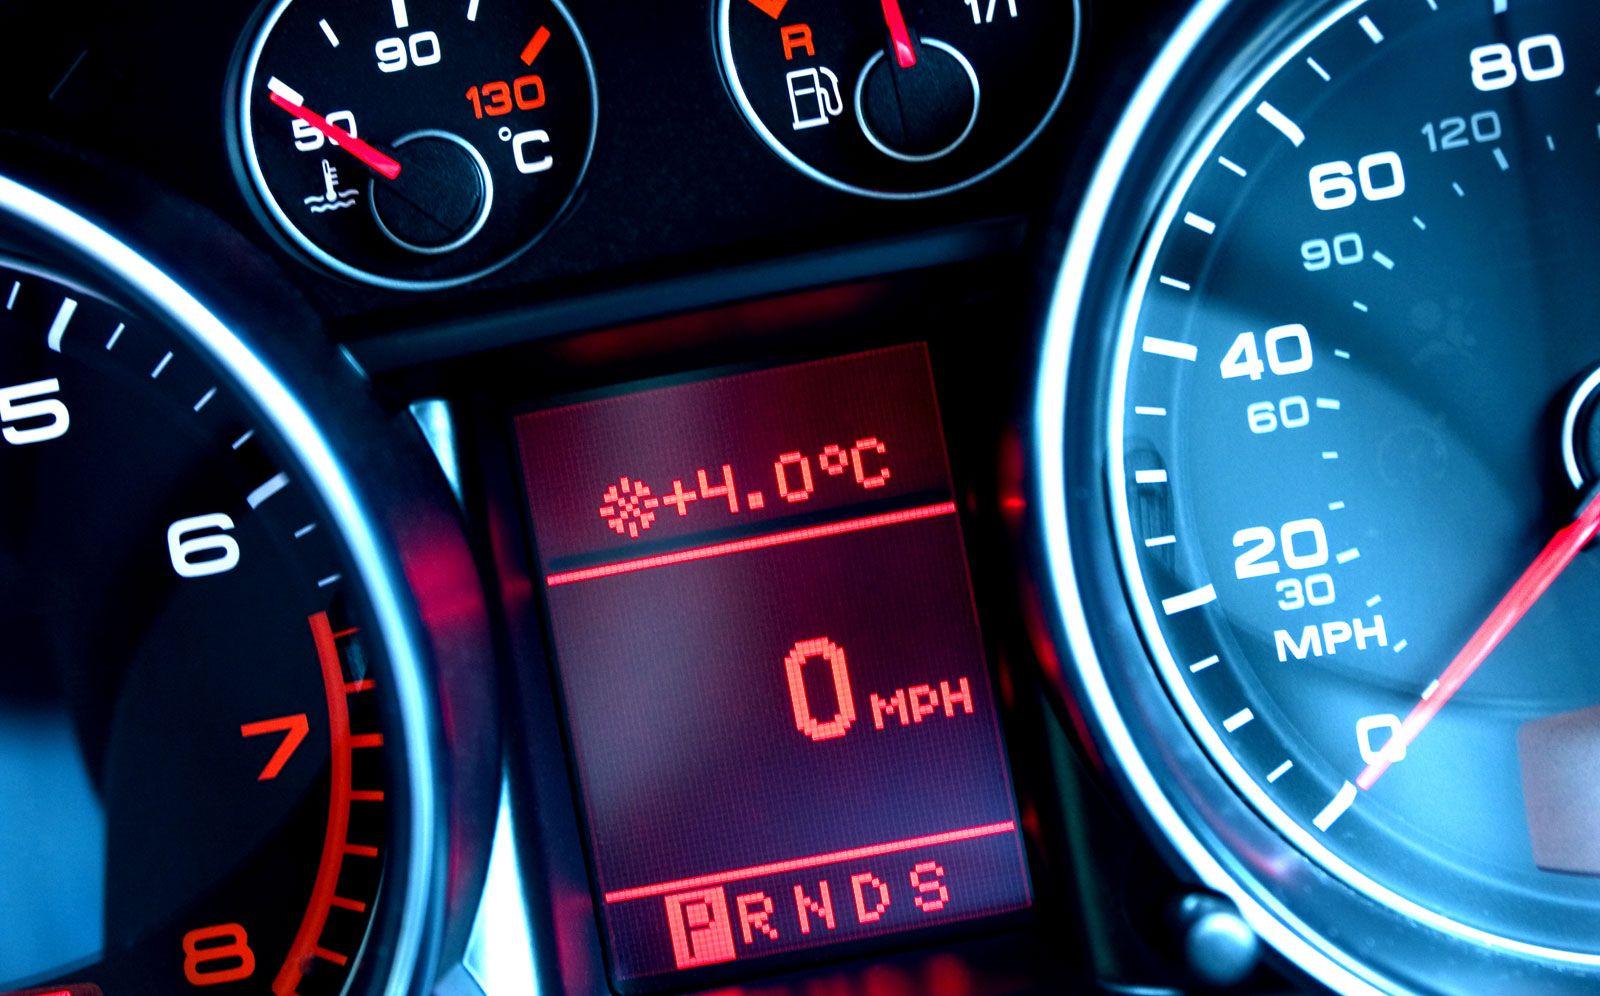 Периодически обнуляются показатели расхода топлива в Hyundai Tucson